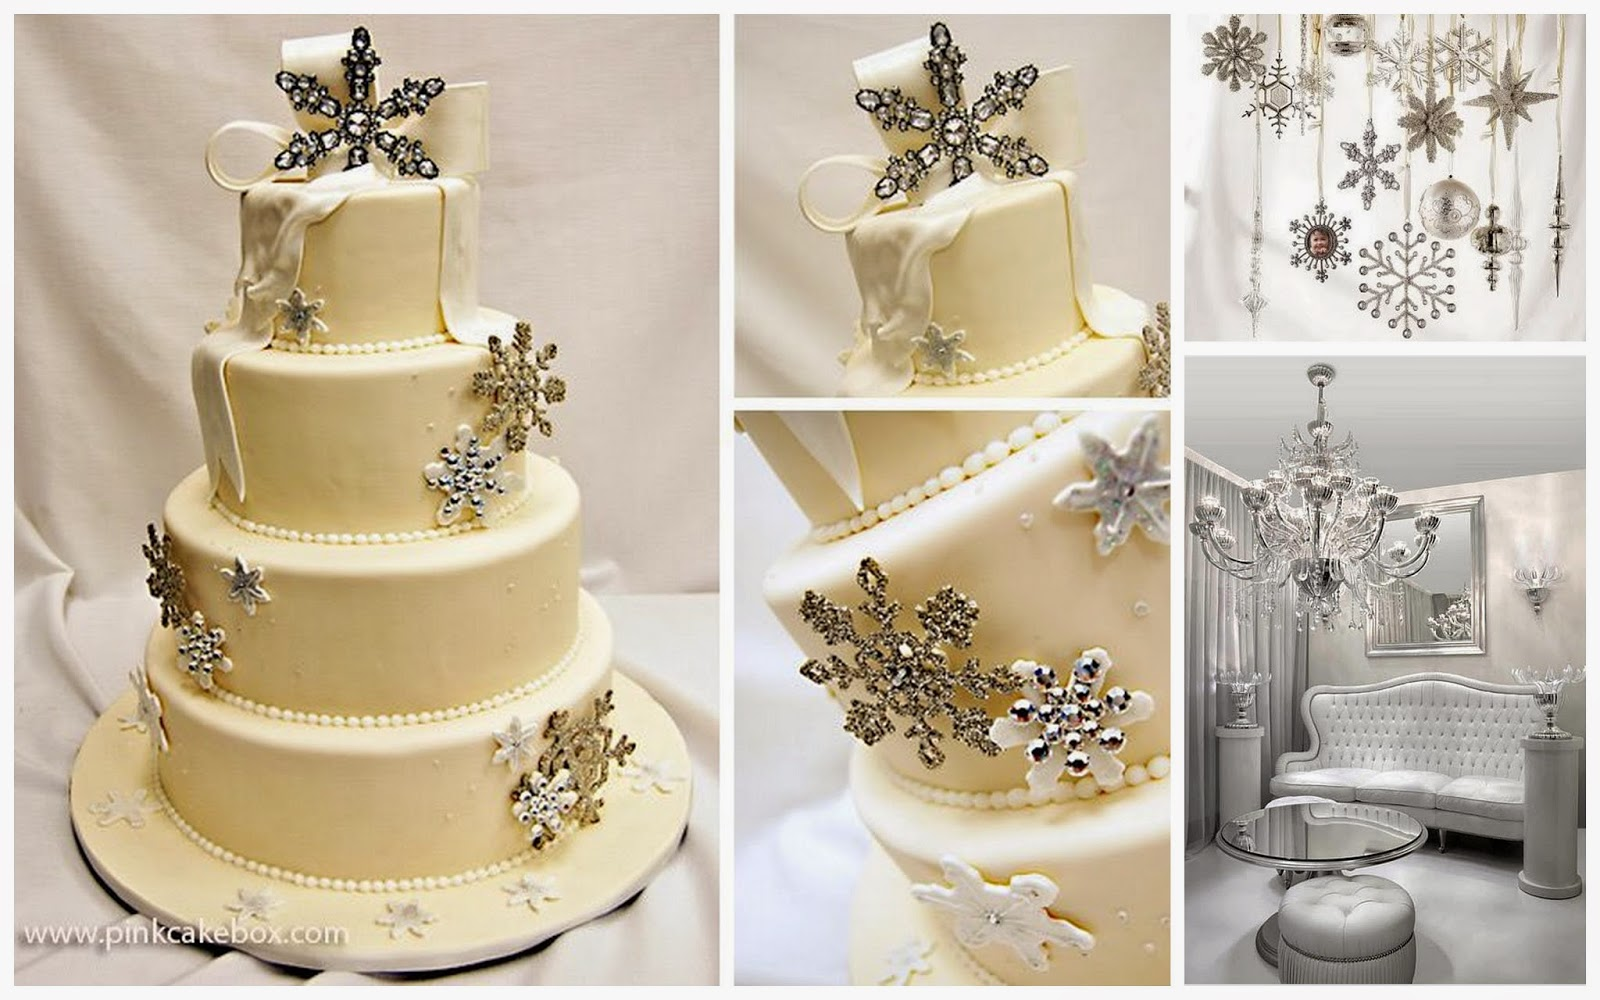 Matrimonio Tema Invernale : Matrimonio invernale sposarsi in inverno idee e